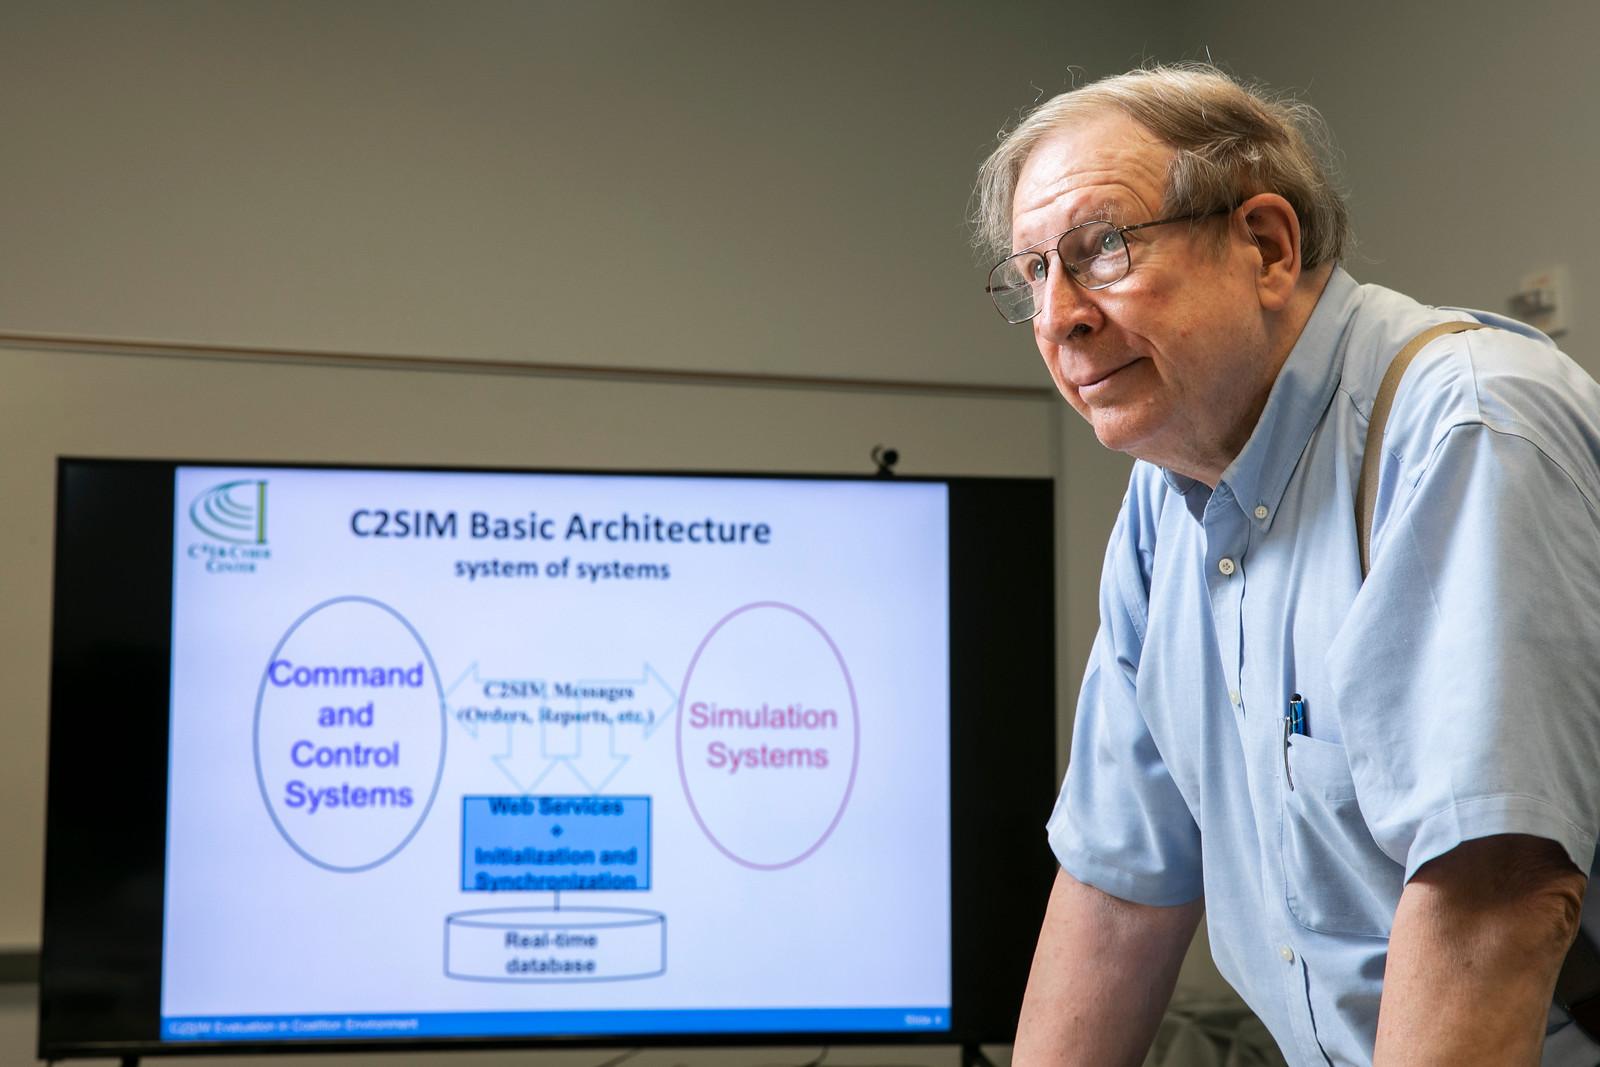 Mark Pullen, computer science professor